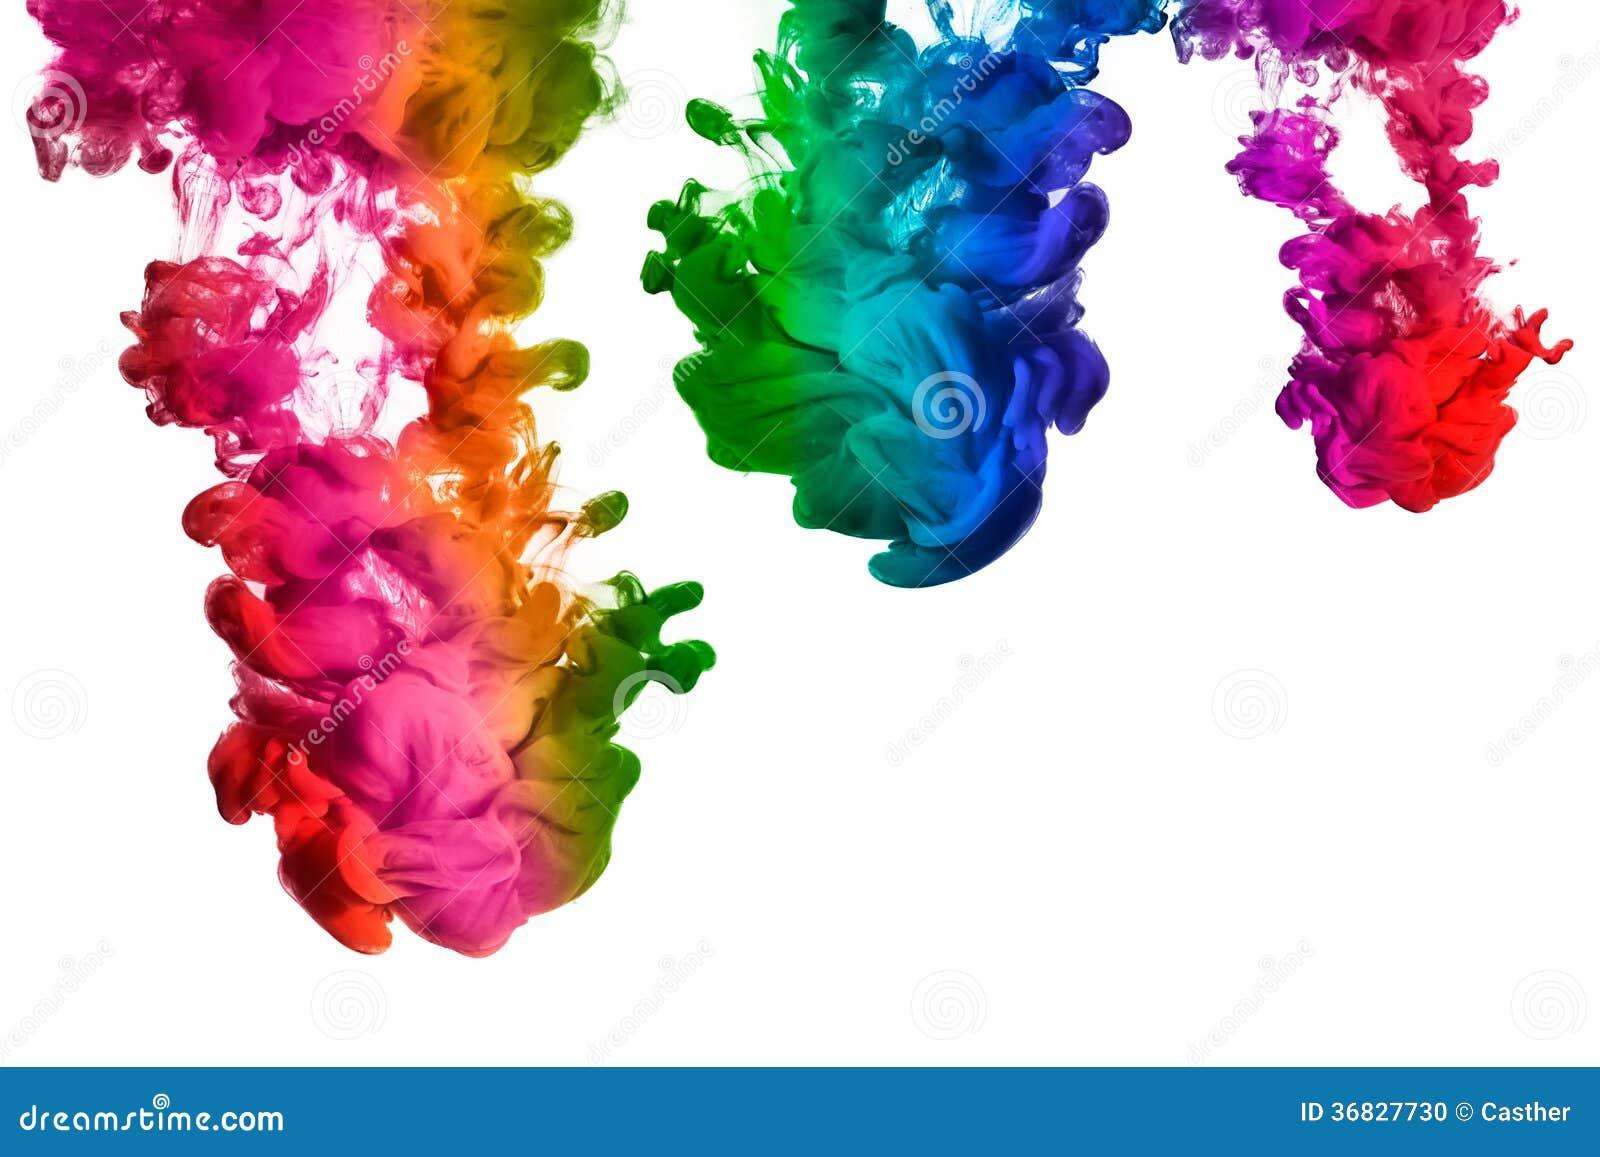 Regenboog van Acrylinkt in Water. Kleurenexplosie